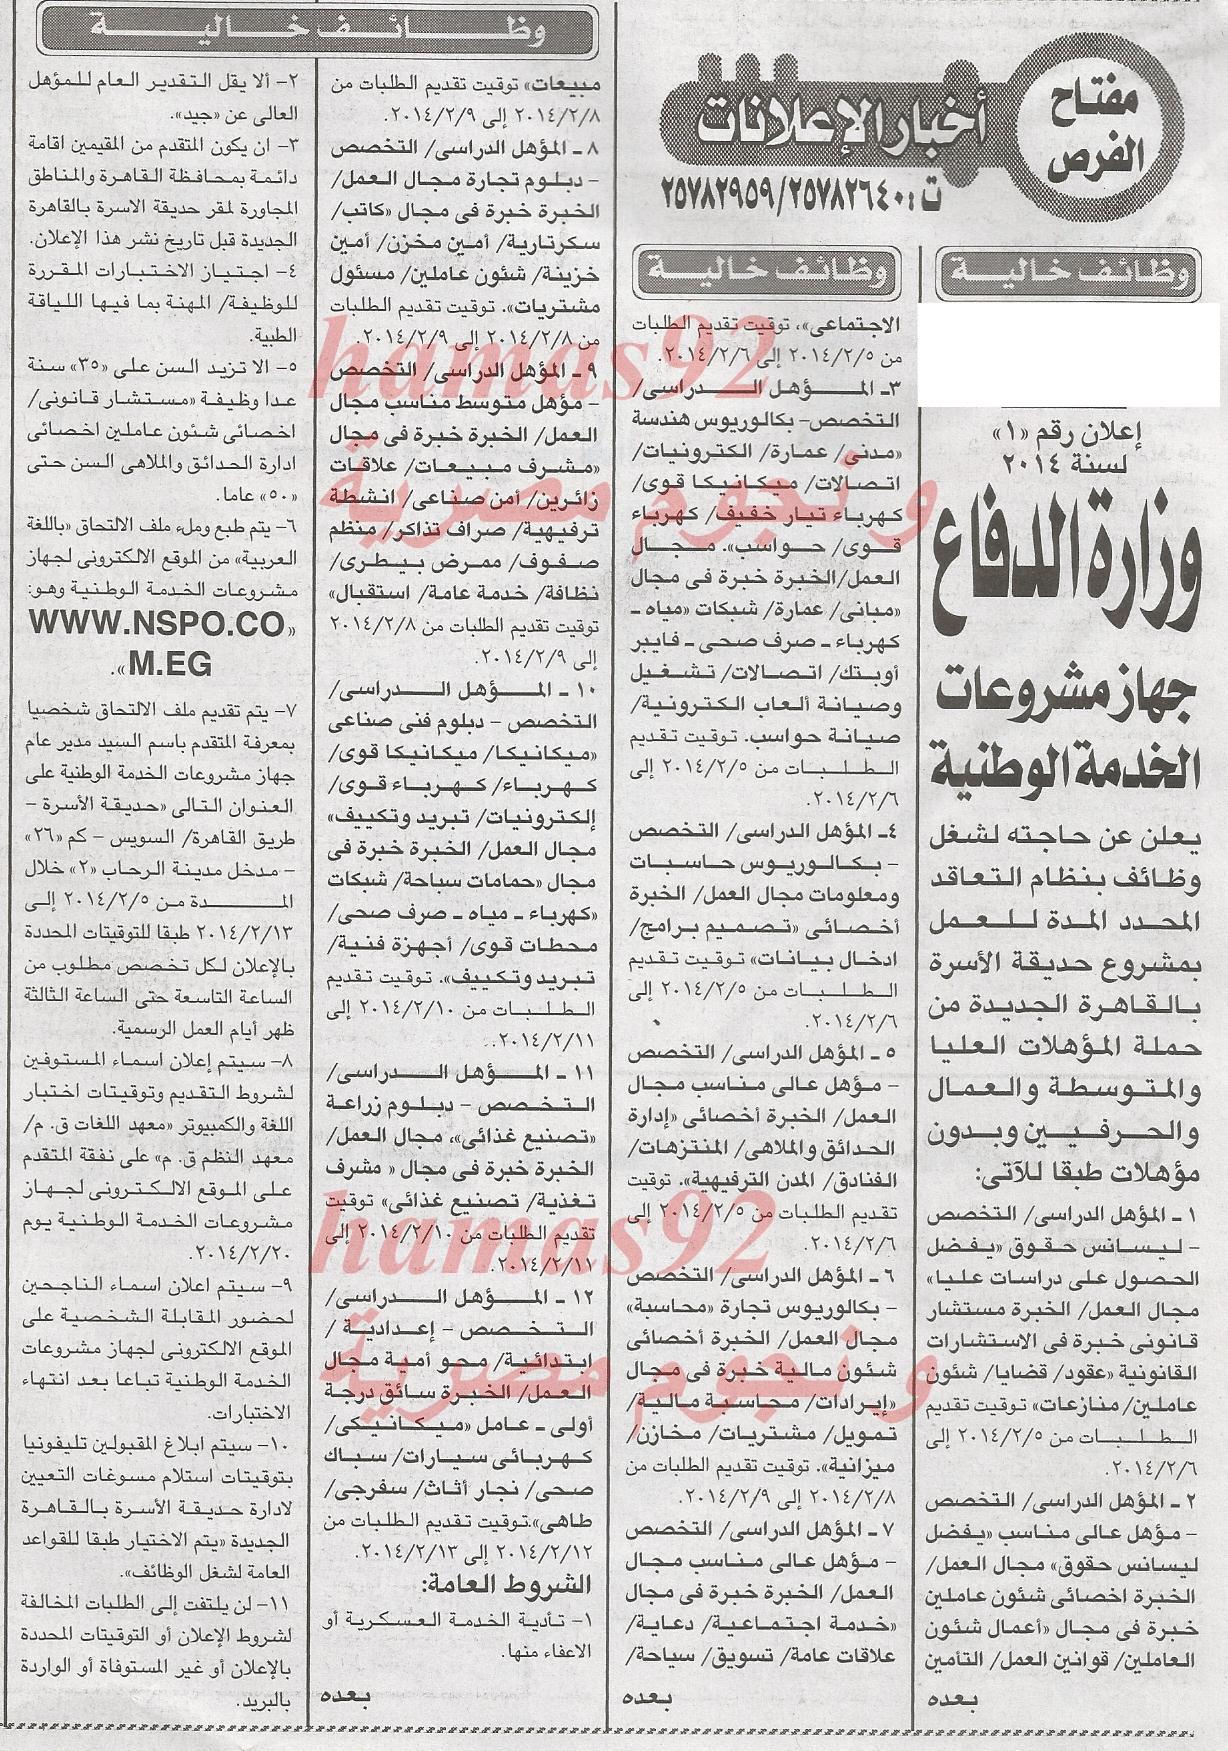 وظائف جريدة الاخبار اليوم الاحد 26-1-2014 , وظائف خالية من جريدة الاخبار 26 يناير 2014